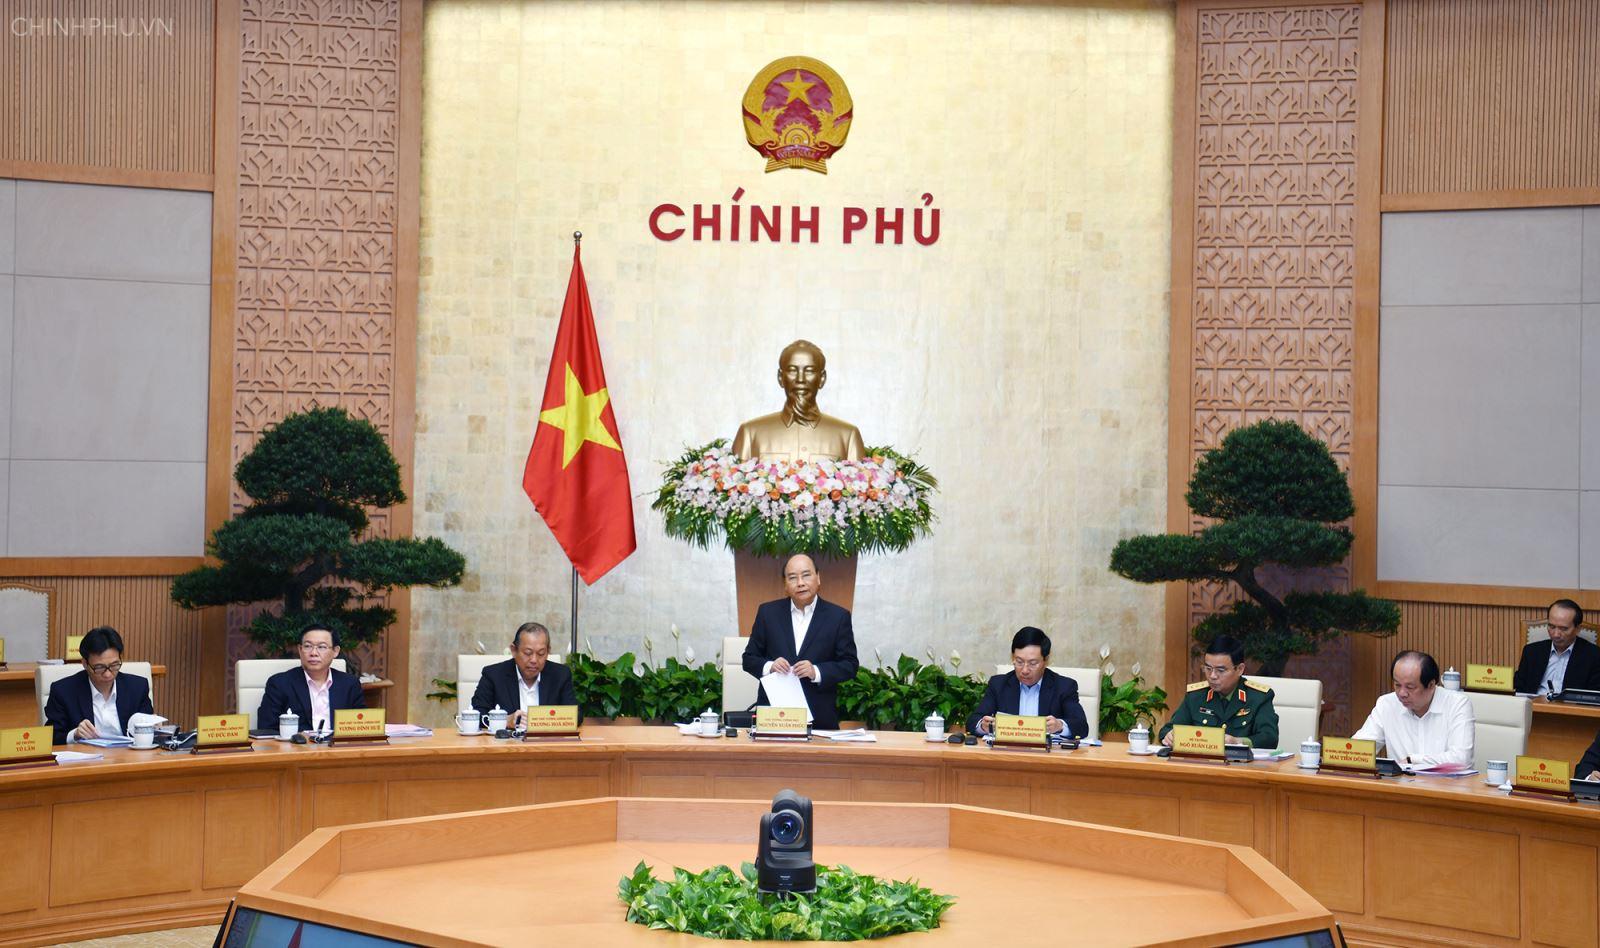 Thúc đẩy phát triển sản xuất kinh doanh, chuẩn bị phục vụ nhân dân đón Tết